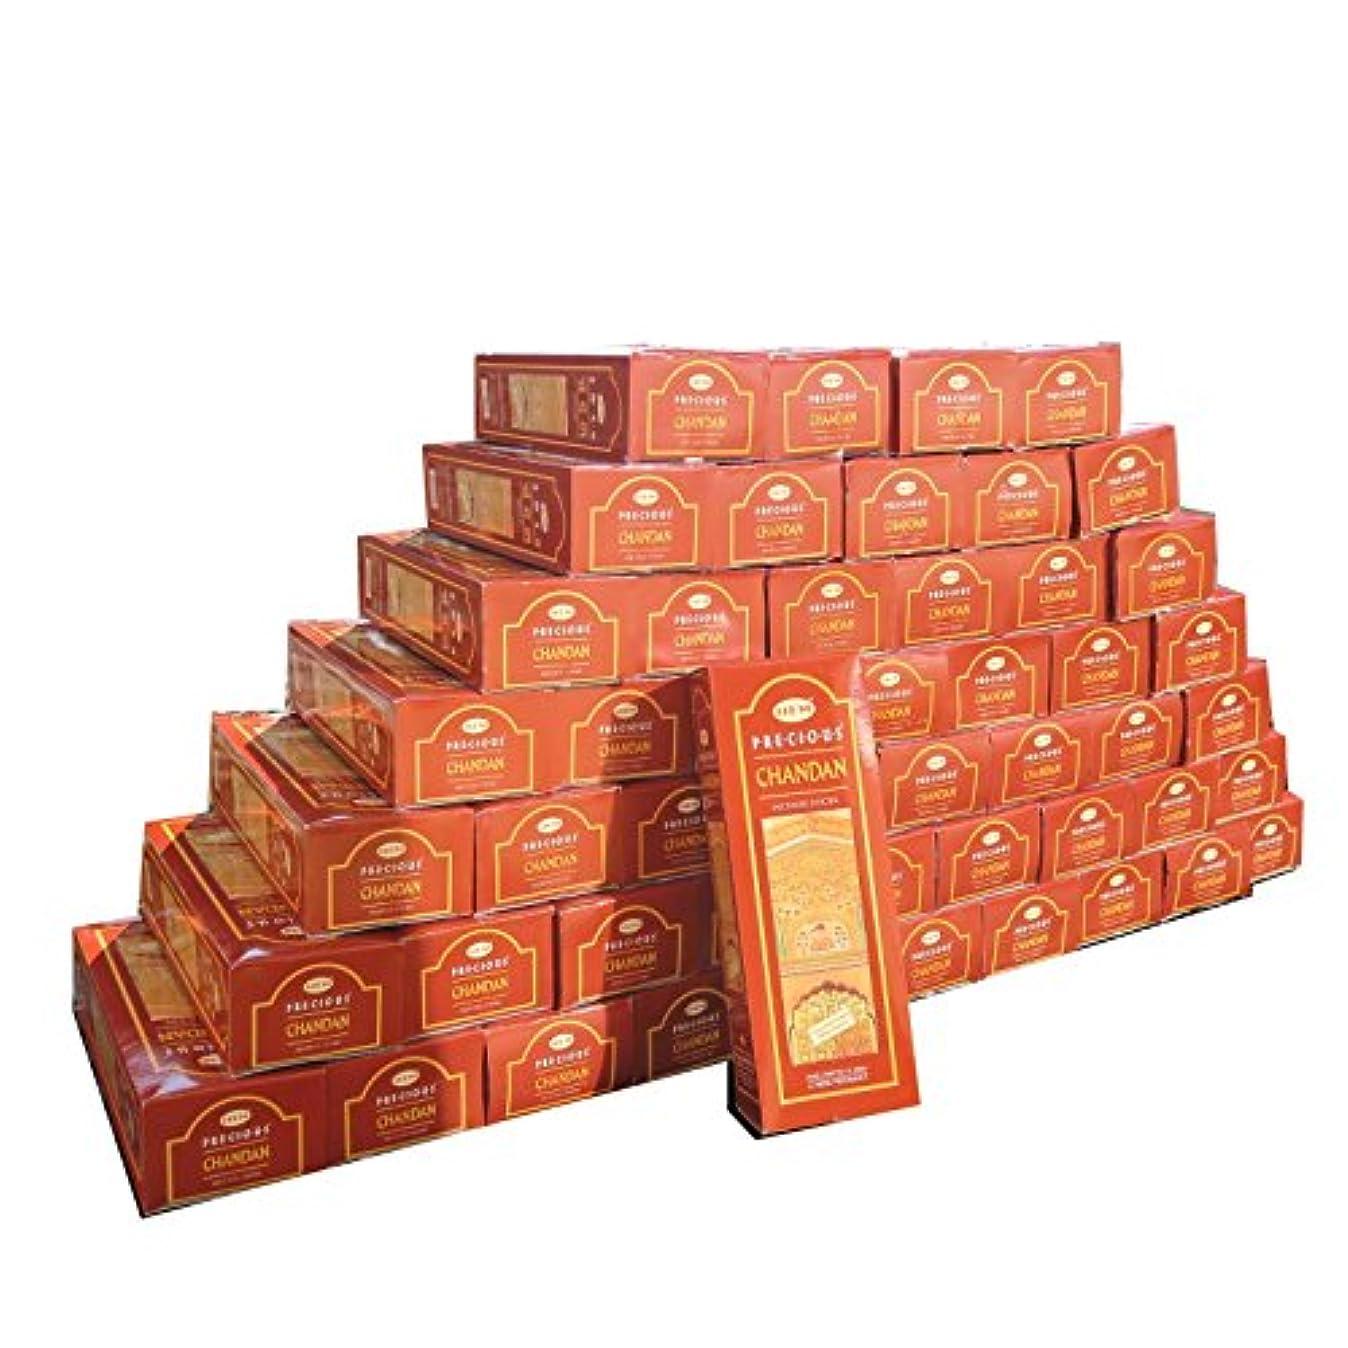 うぬぼれた集める脊椎業務用 インドスティック形お香 プレシャスチャンダン 300箱入り